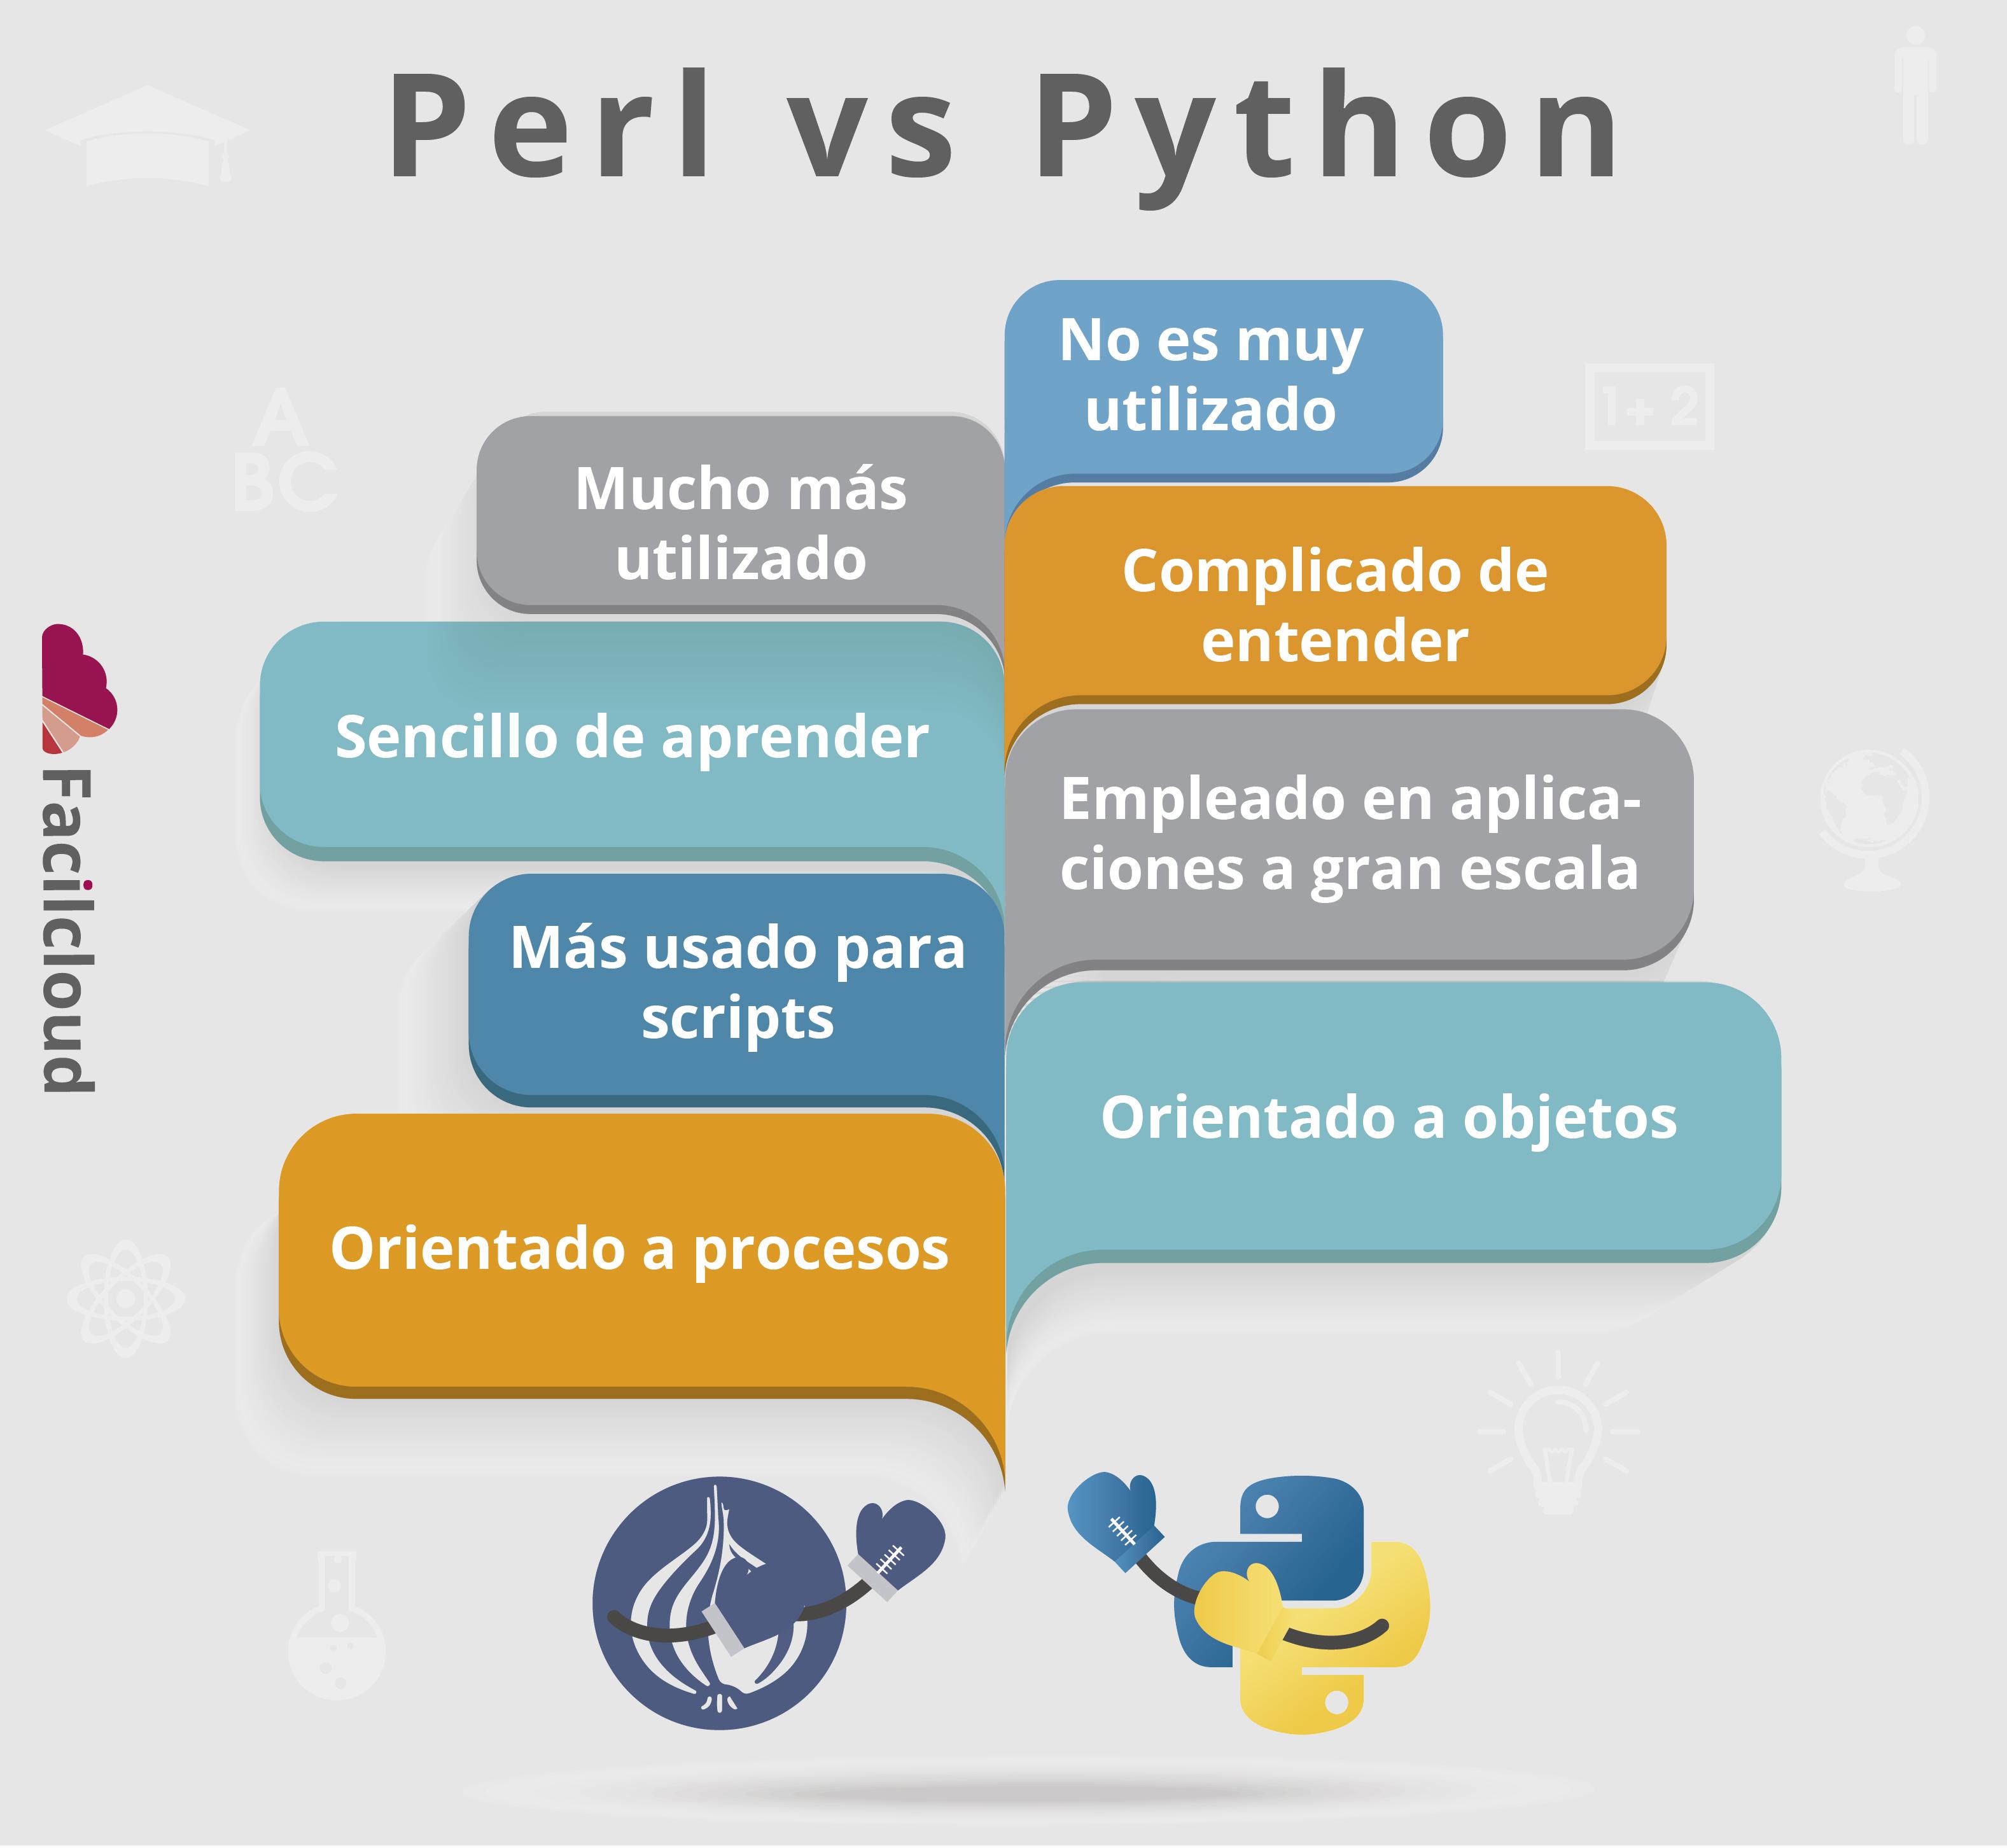 Perl y python